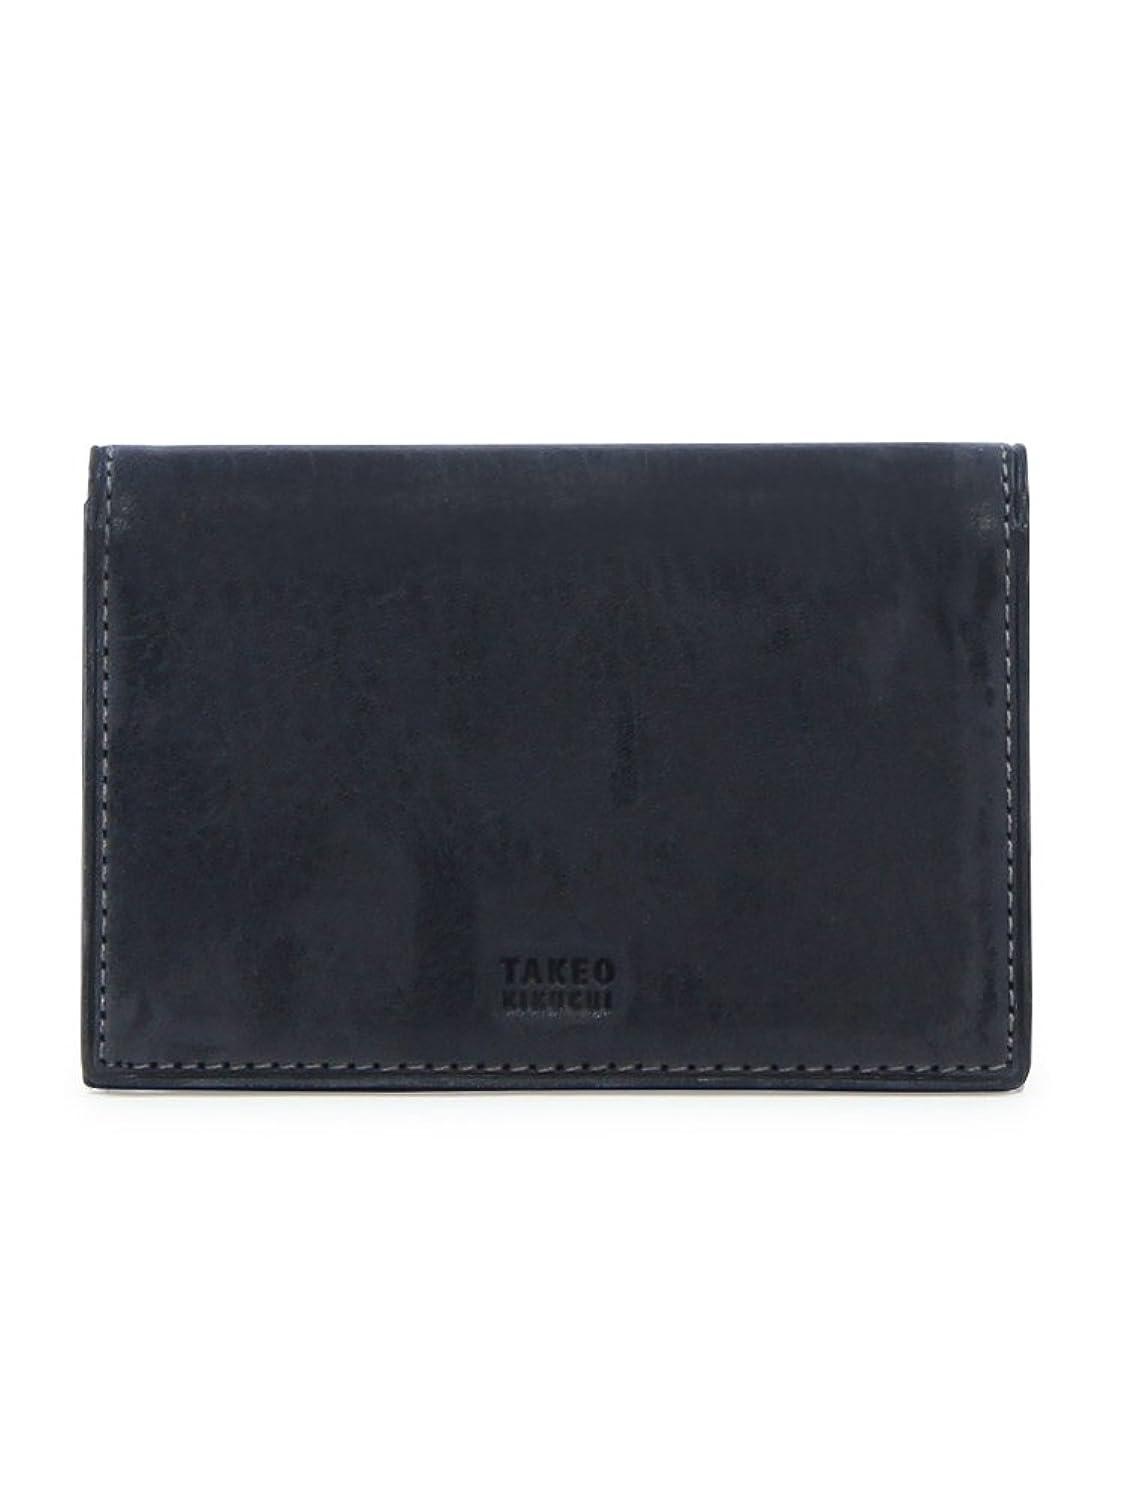 解決素子フィット[タケオキクチ] カードケース リオ メンズ 723601